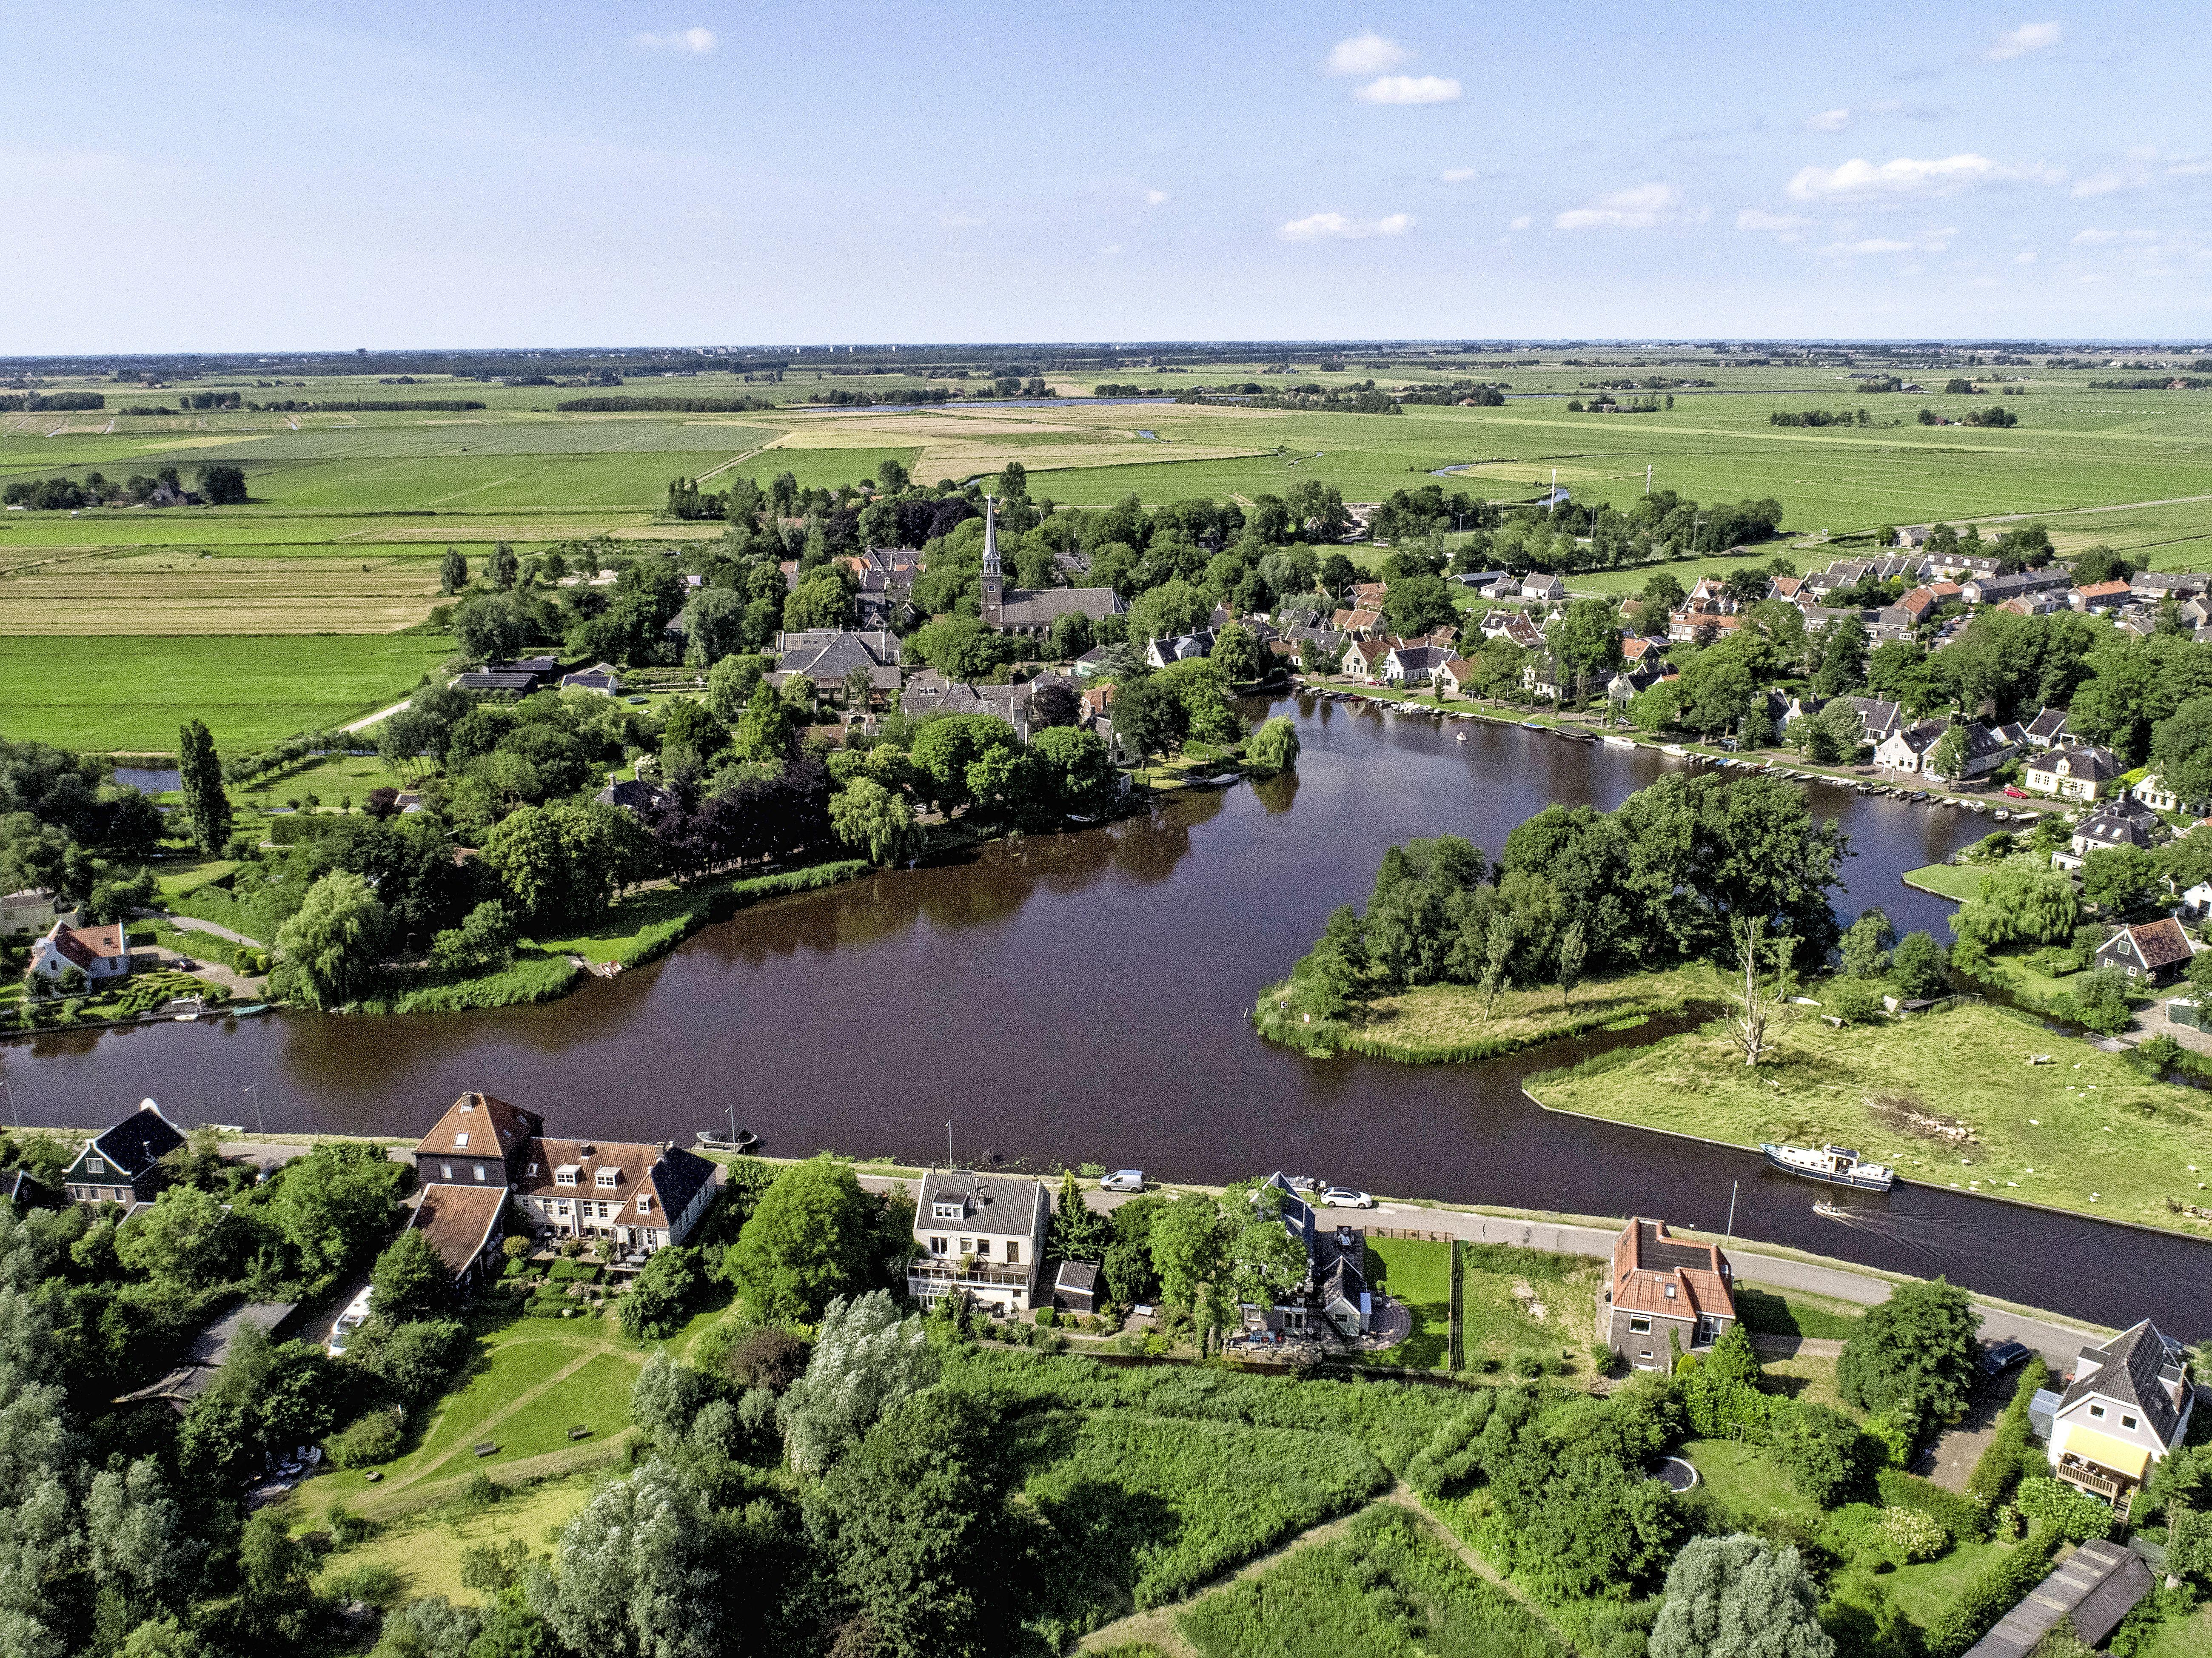 Het openluchtmuseum Broek in Waterland veryupt al jaren, maar dat heeft ook zo z'n voordelen. 'Dat zijn mensen die geld hebben voor onderhoud' [Column Onderweg]